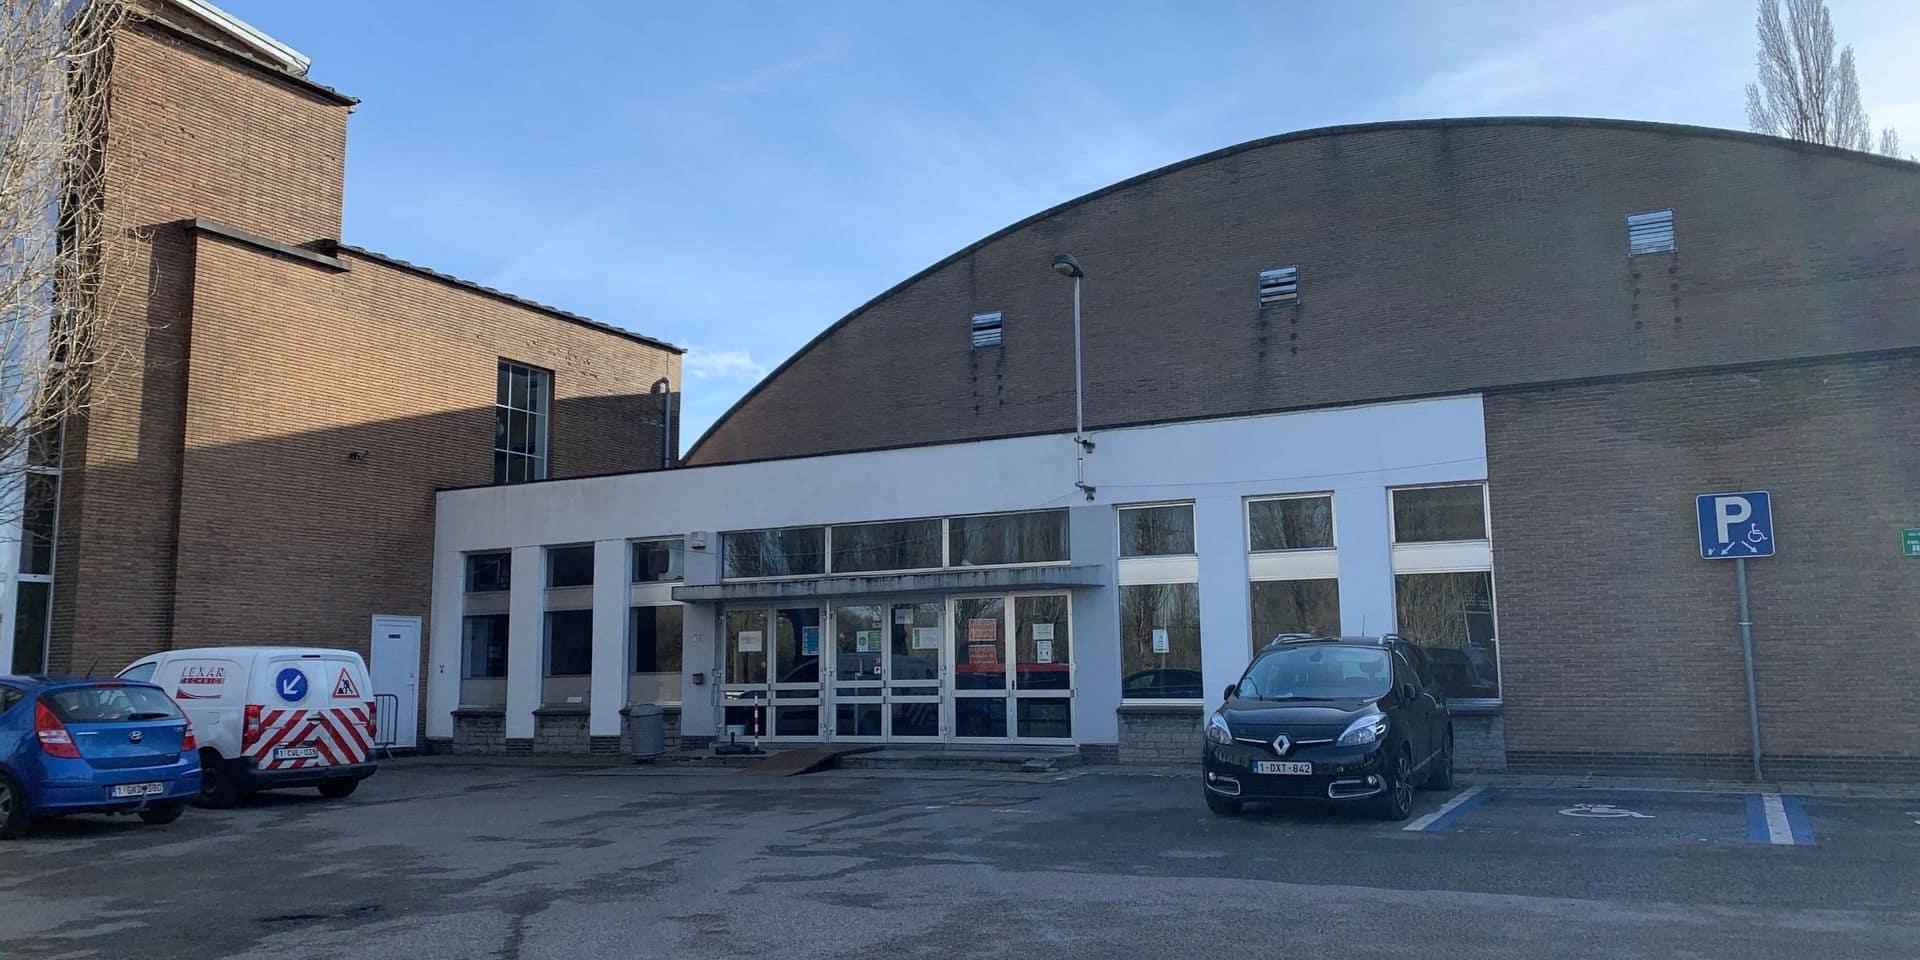 Pas de centre de vaccination à Nivelles, il faudra se faire vacciner à Ronquières ou à Braine-l'Alleud